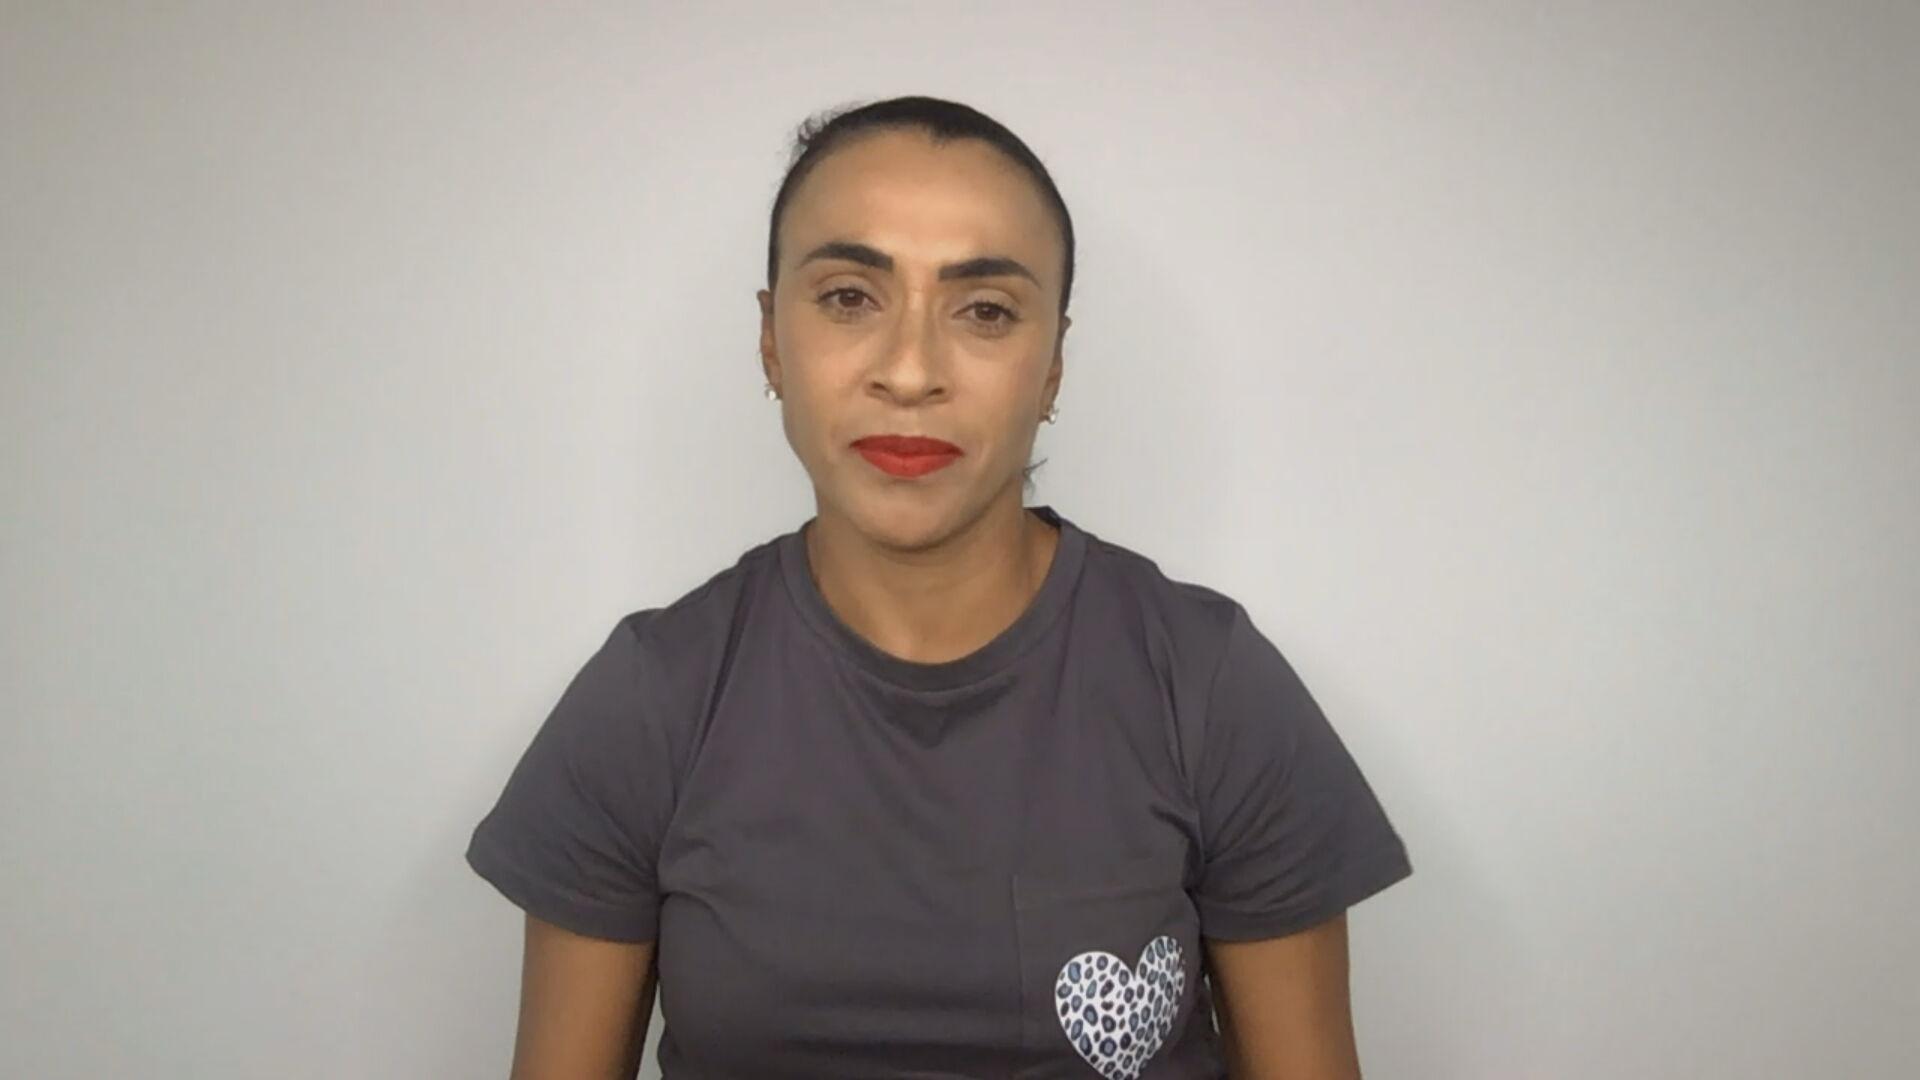 Marta falou sobre o anúncio da CBF de pagamentos iguais para homens e mulheres